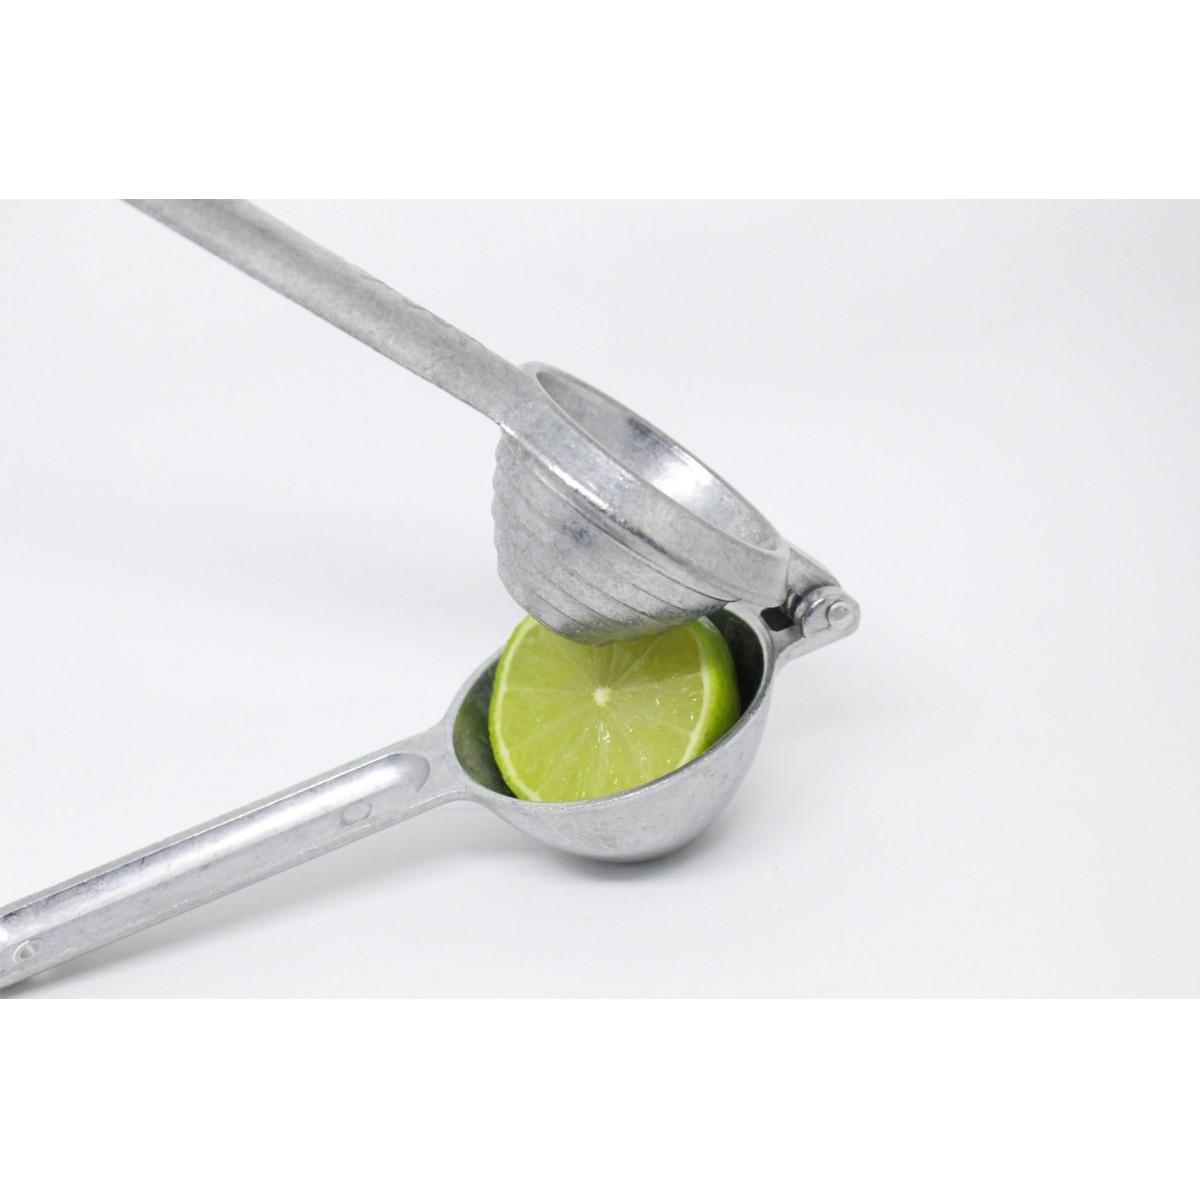 Espremedor de limão - Alumínio pequeno